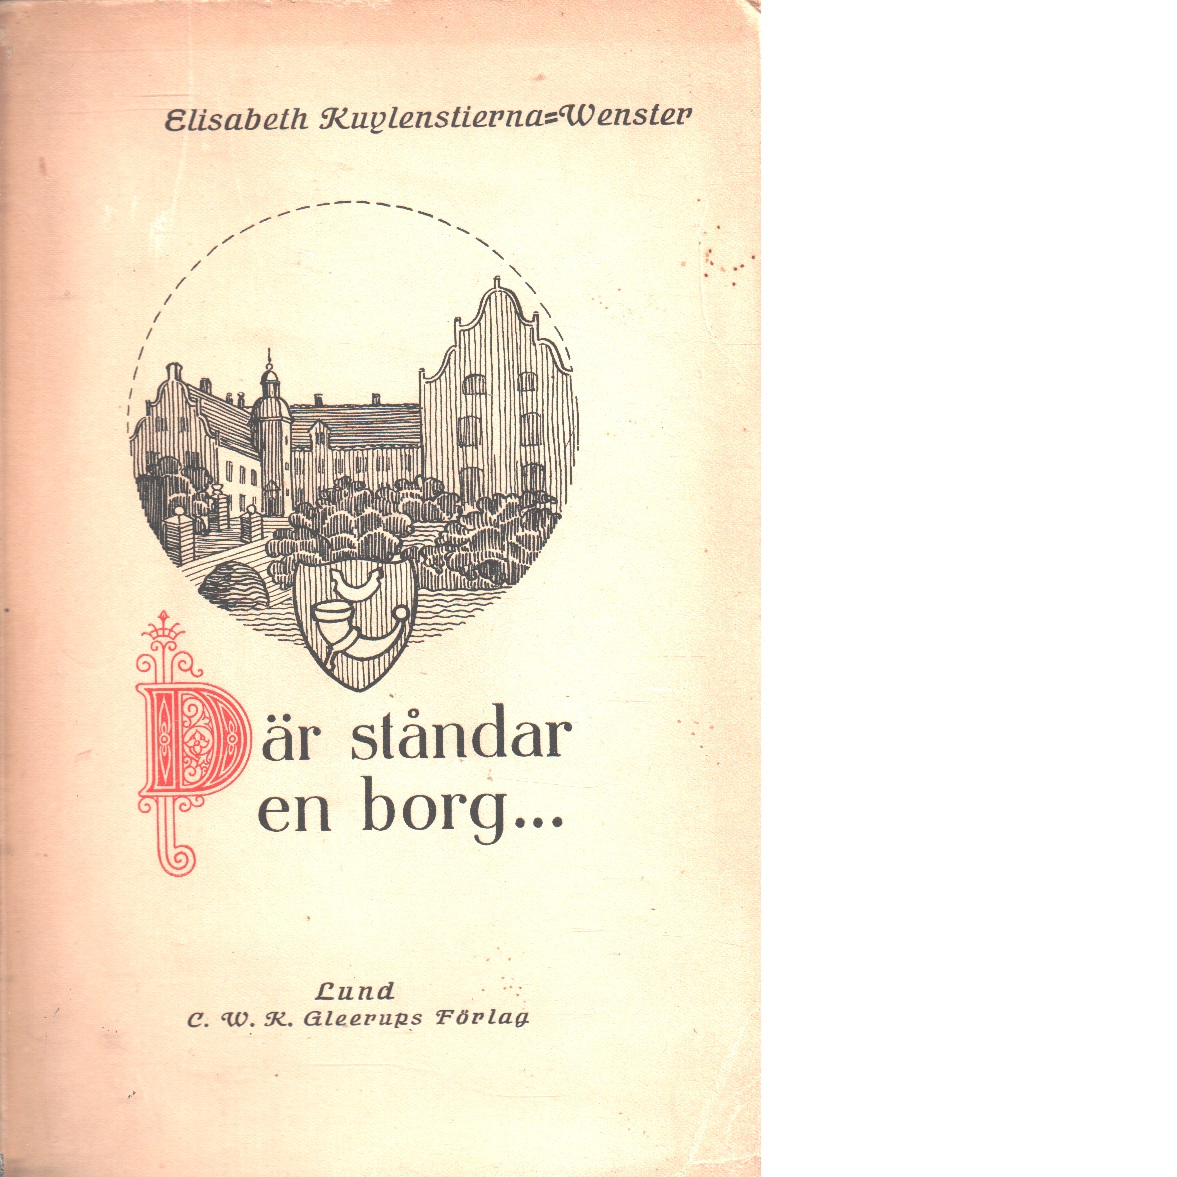 Där ståndar en borg : romantiserad skildring efter sagor, sägner och krönikor - Kuylenstierna-wenster, Elisabeth